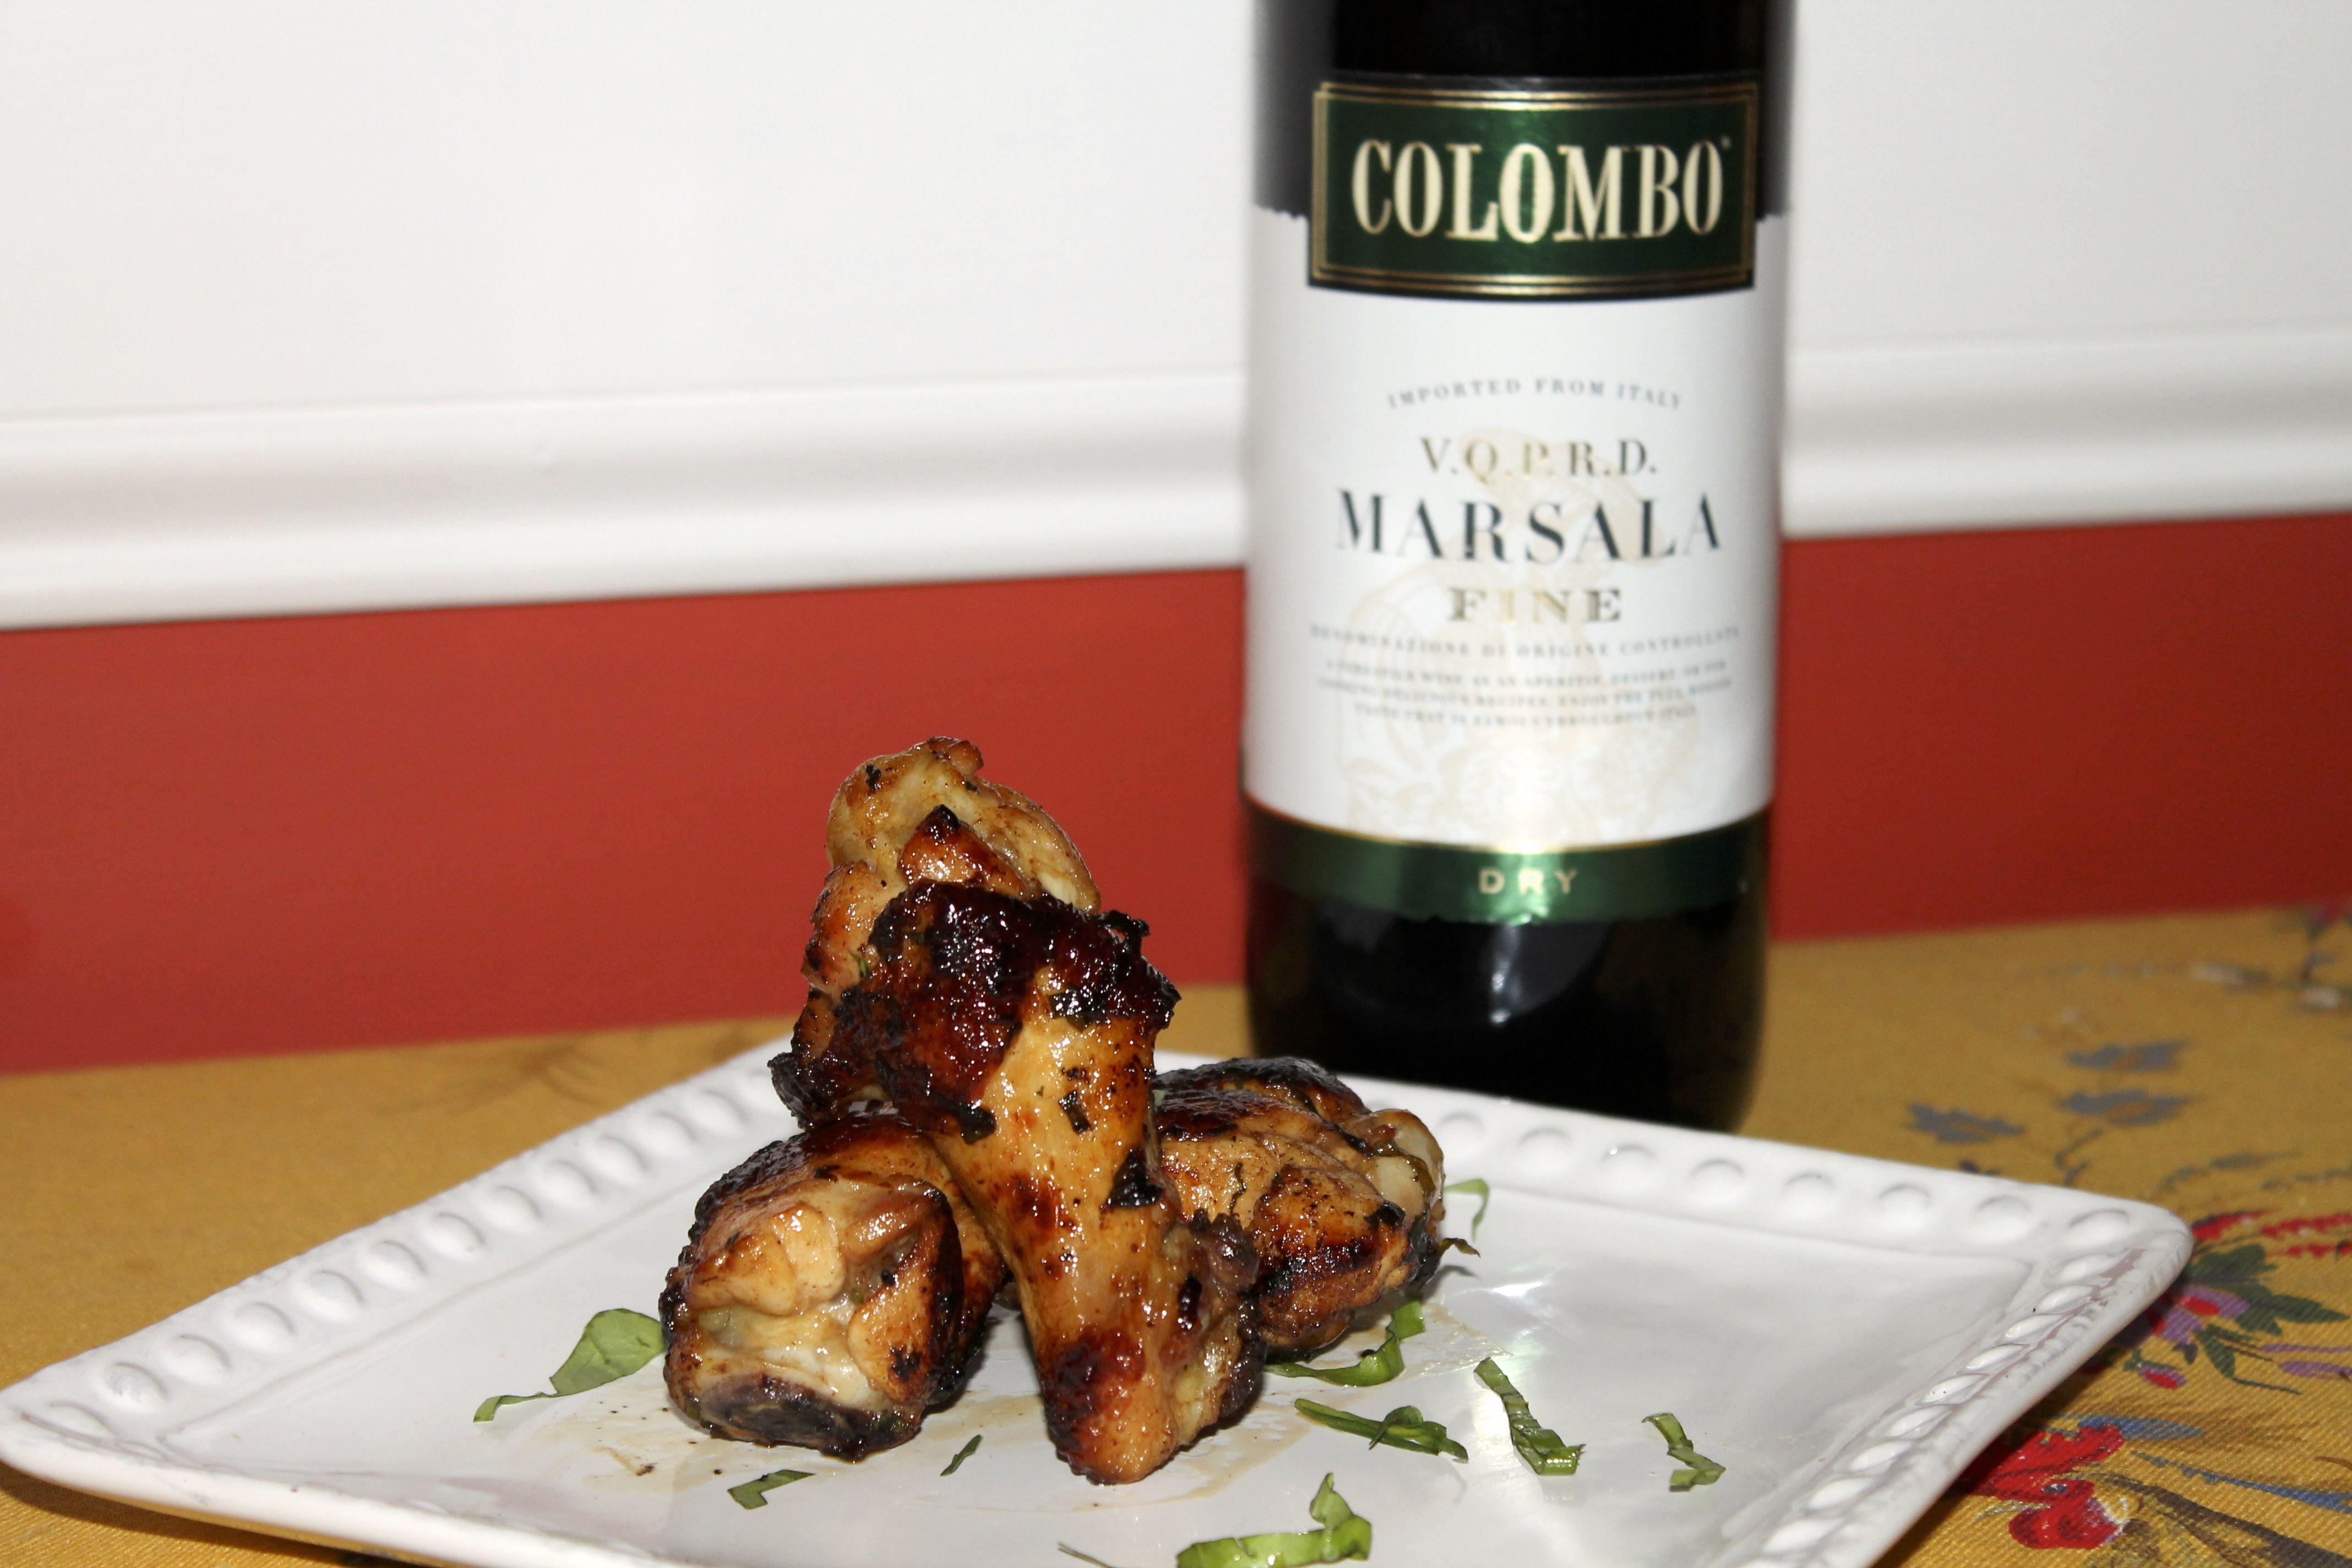 Marsala Recipe Marsala Glazed Chicken Wings Colombo Marsala Wine Glazed Chicken Wings Marsala Recipe Glazed Chicken